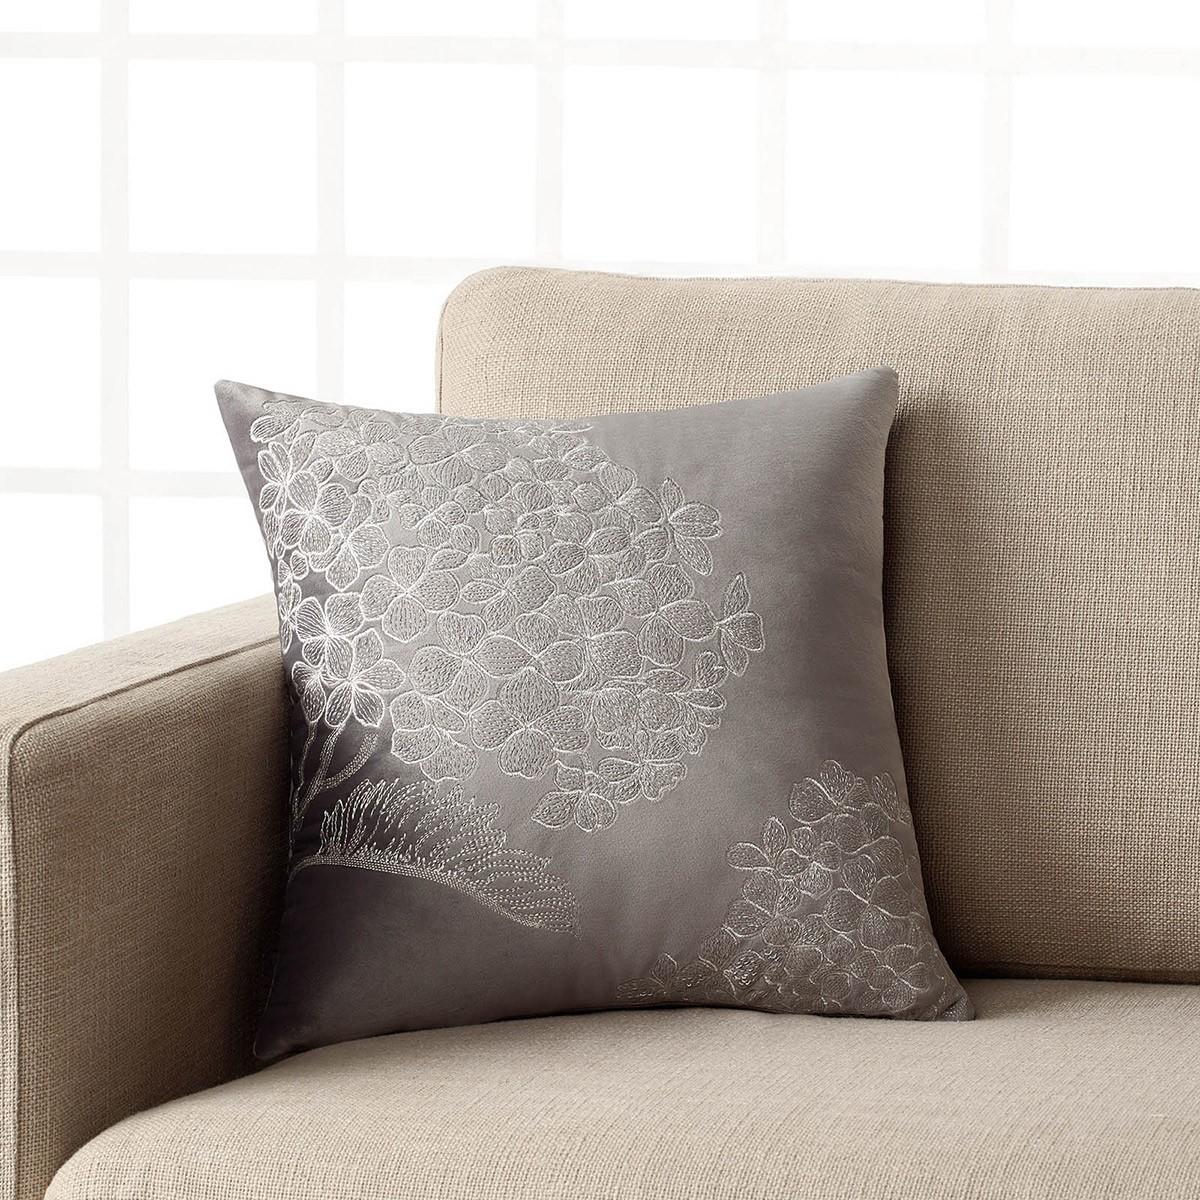 Διακοσμητική Μαξιλαροθήκη Gofis Home Rosebush Grey 324/15